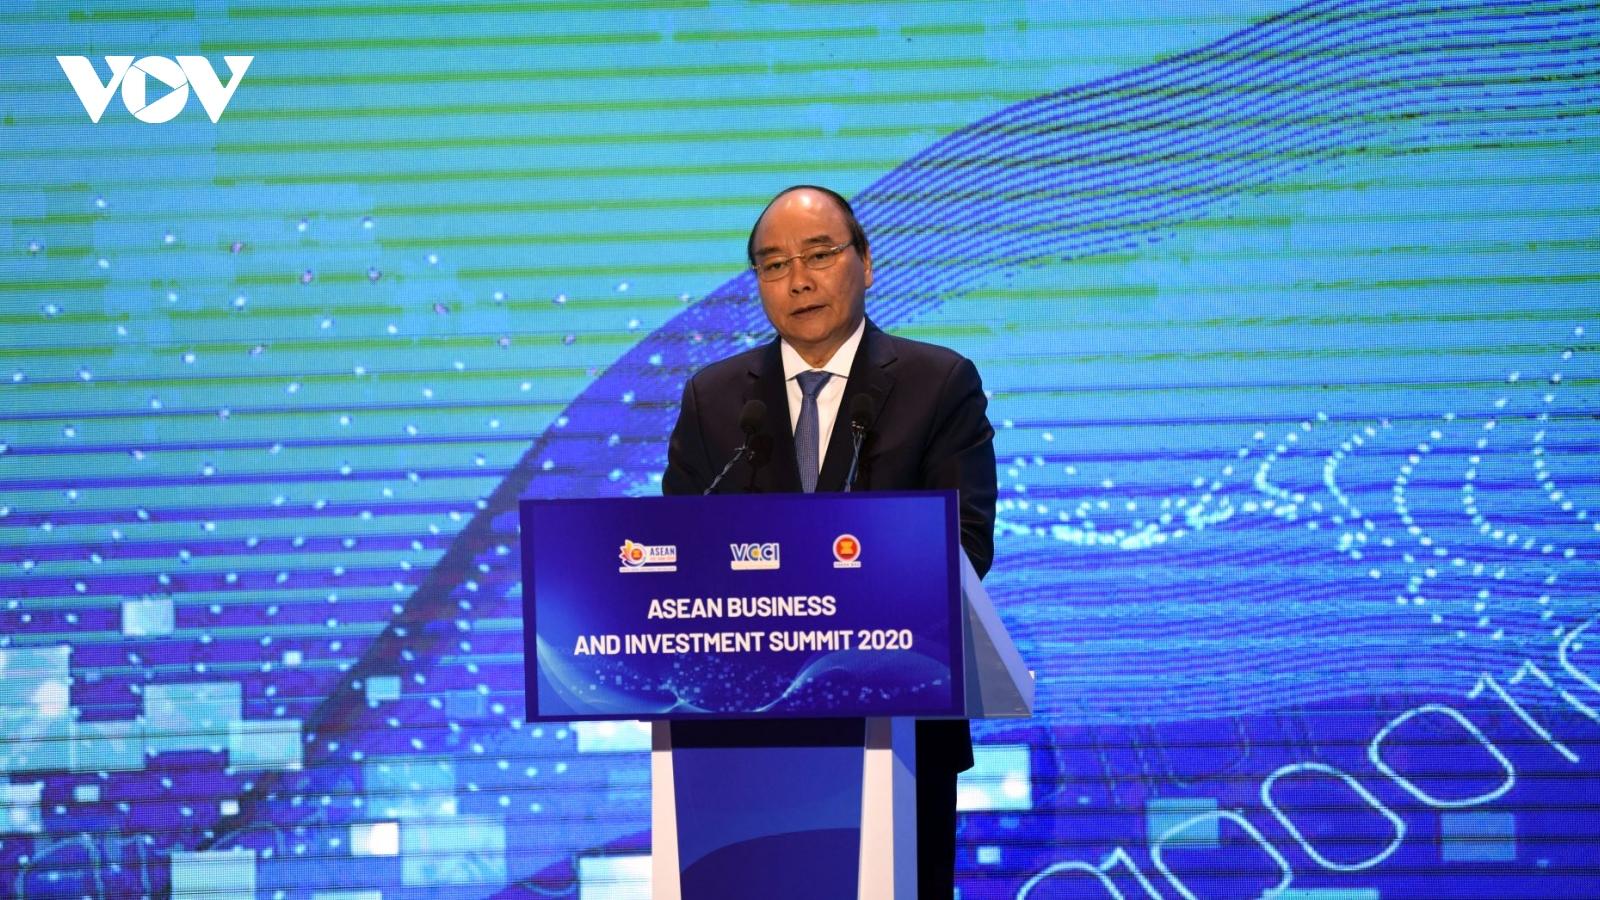 ASEAN nỗ lực vượt qua dịch Covid-19, thúc đẩy phát triển kinh tế